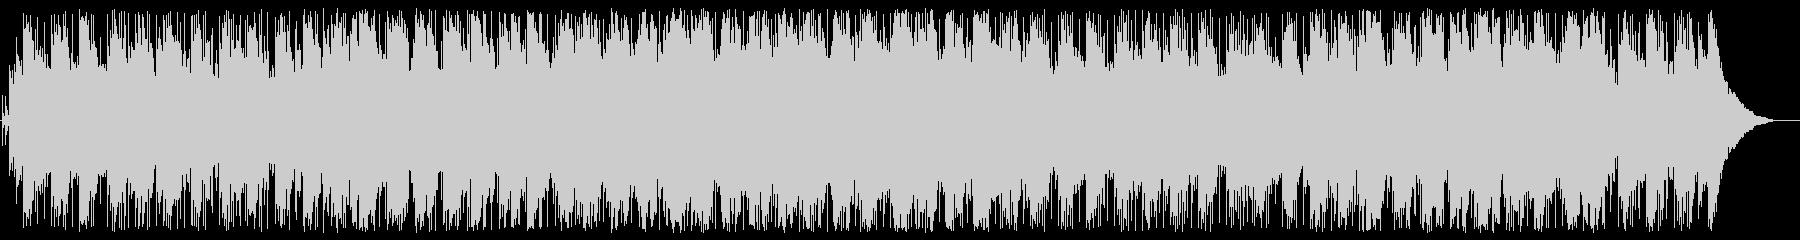 ゆったりとしたリラックスBGMの未再生の波形